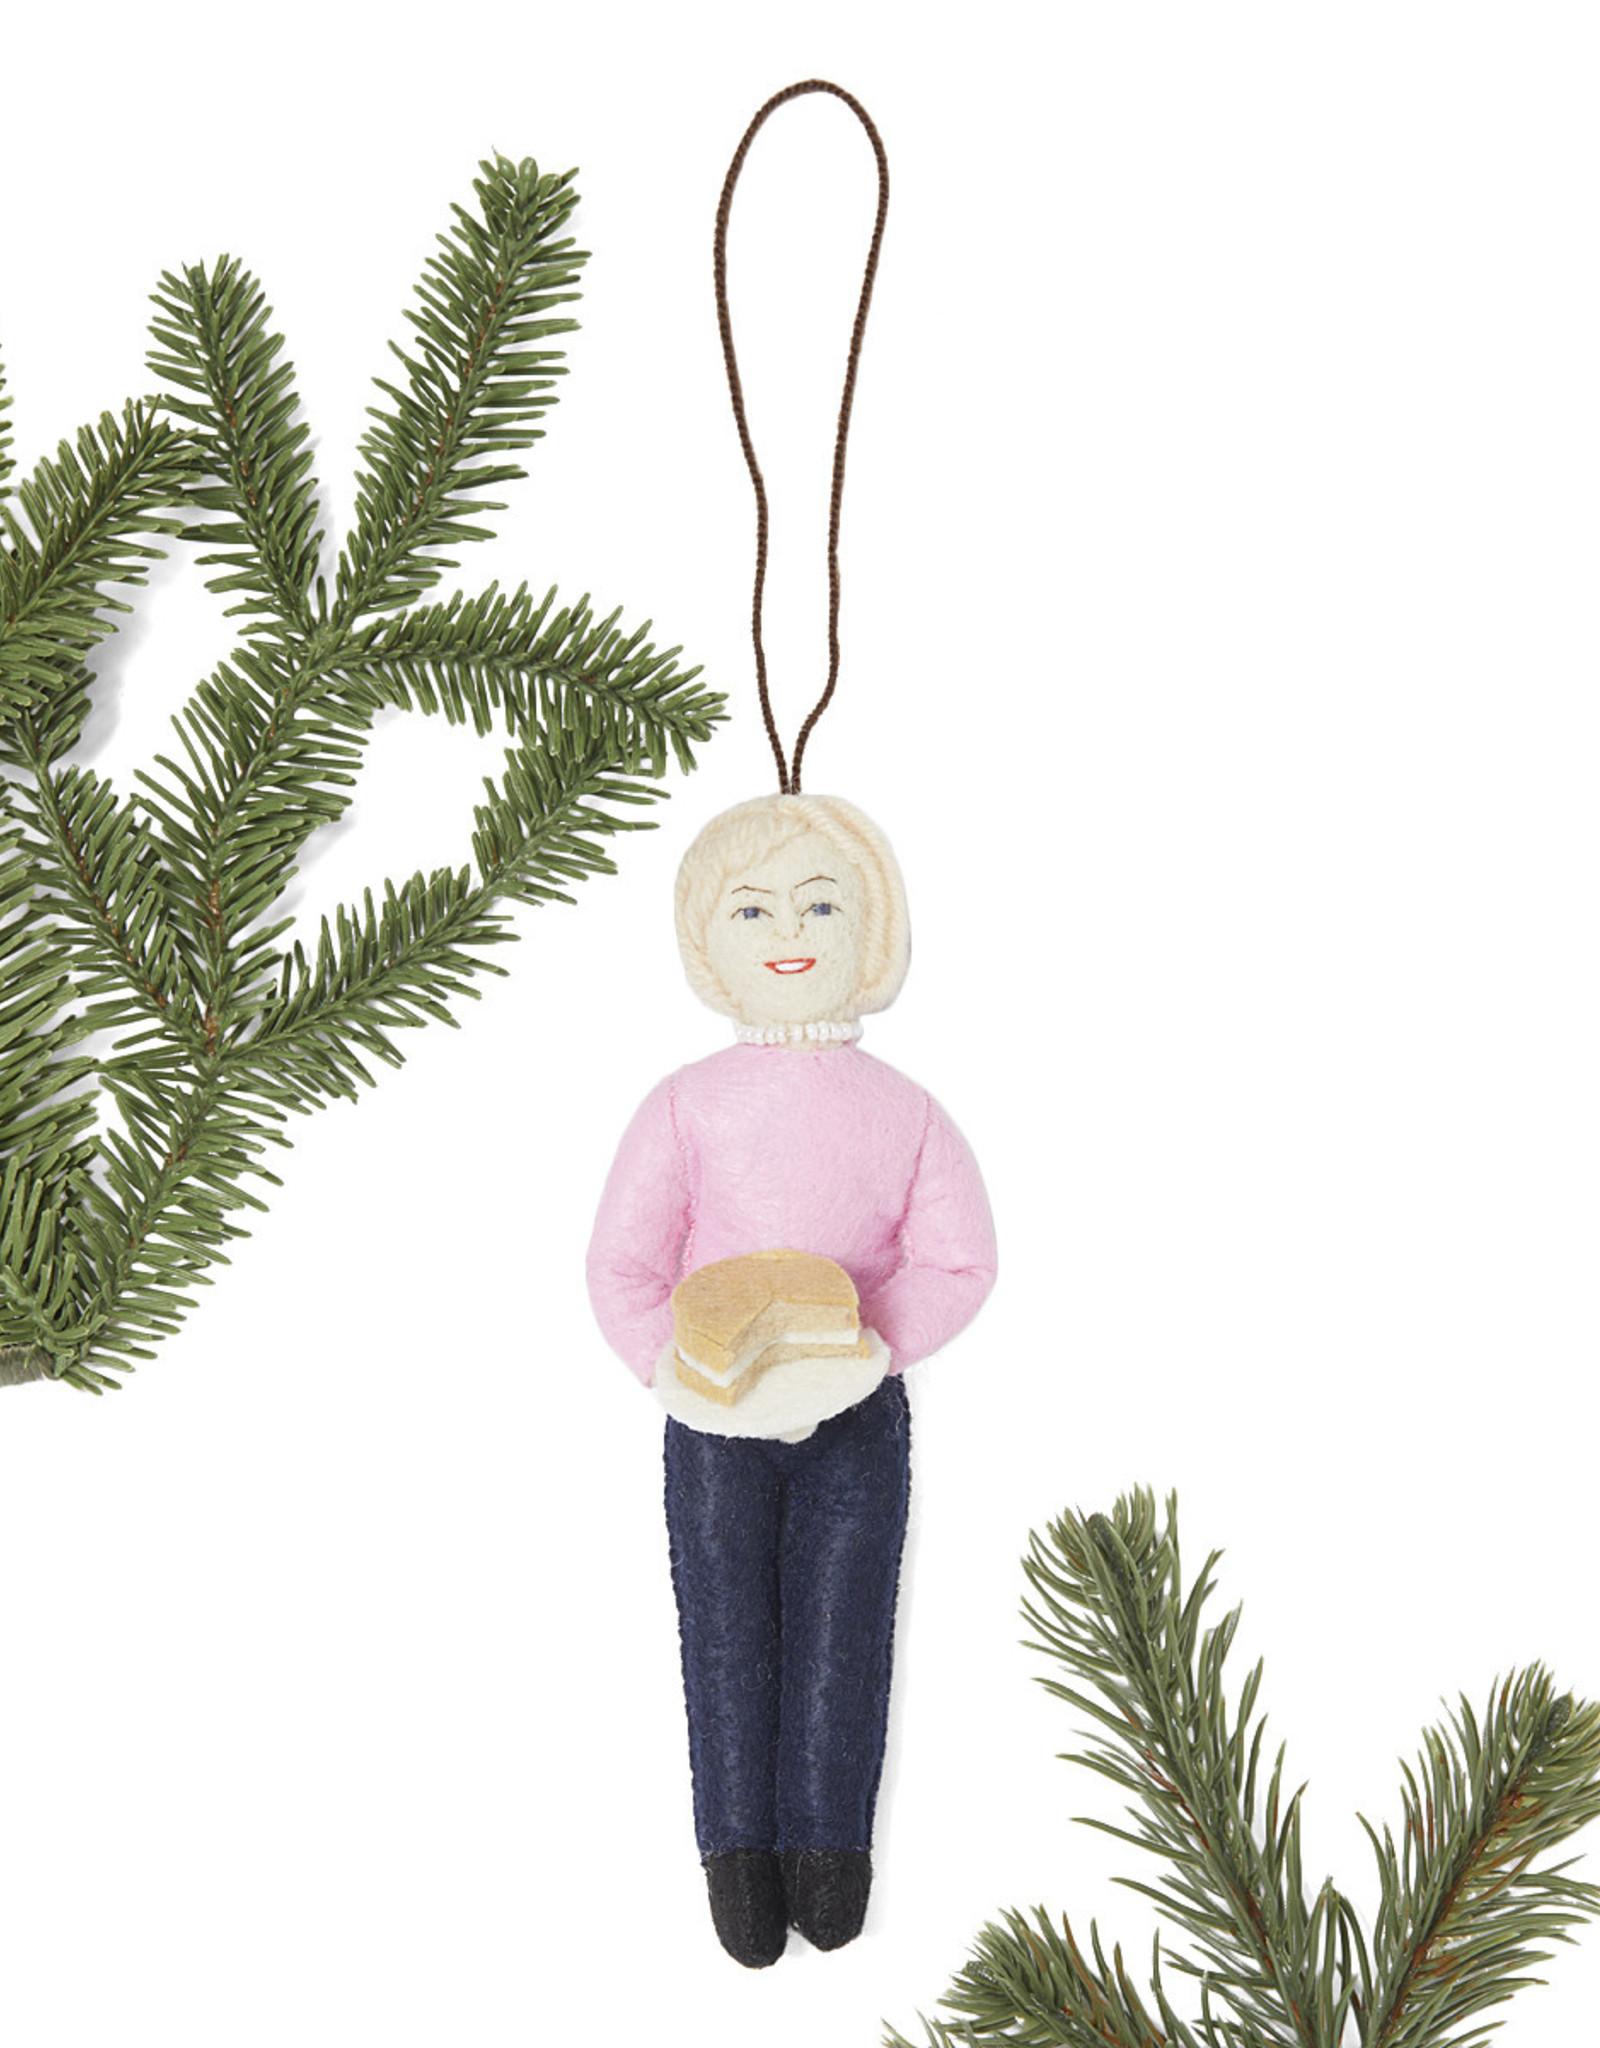 kyrgyzstan, Ornaments Martha Stewart